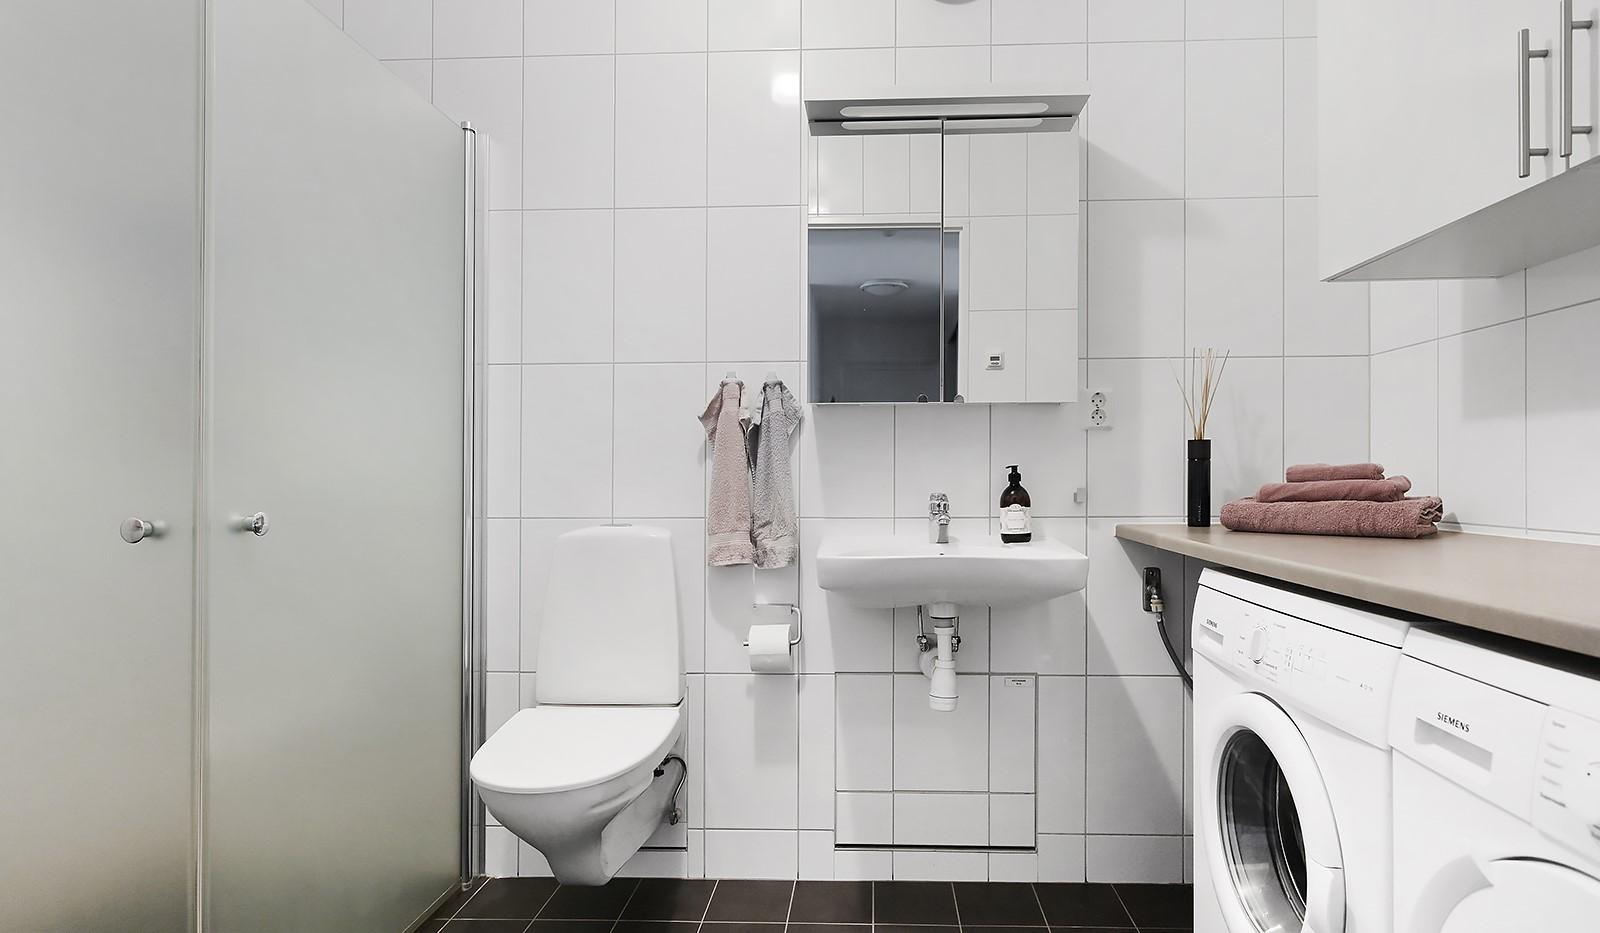 Marieviksgatan 40, 7 tr - Badrum med dusch och tvättdel.